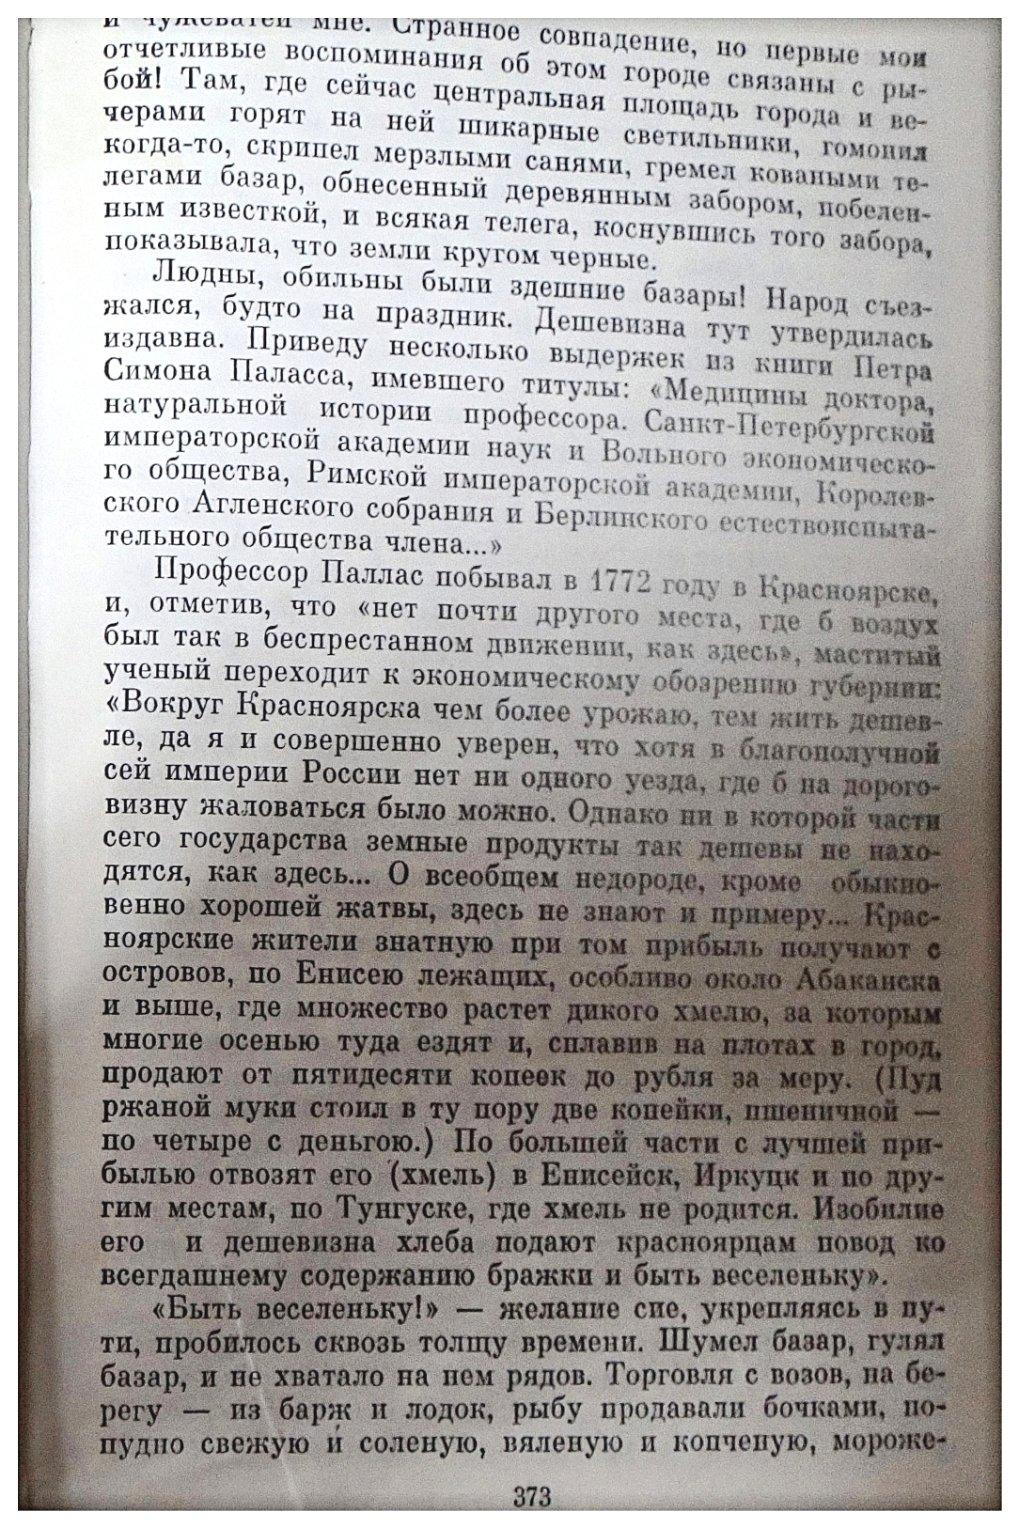 Виктор Астафьев, из книги Царь-рыба, иллюстрации, фото 010